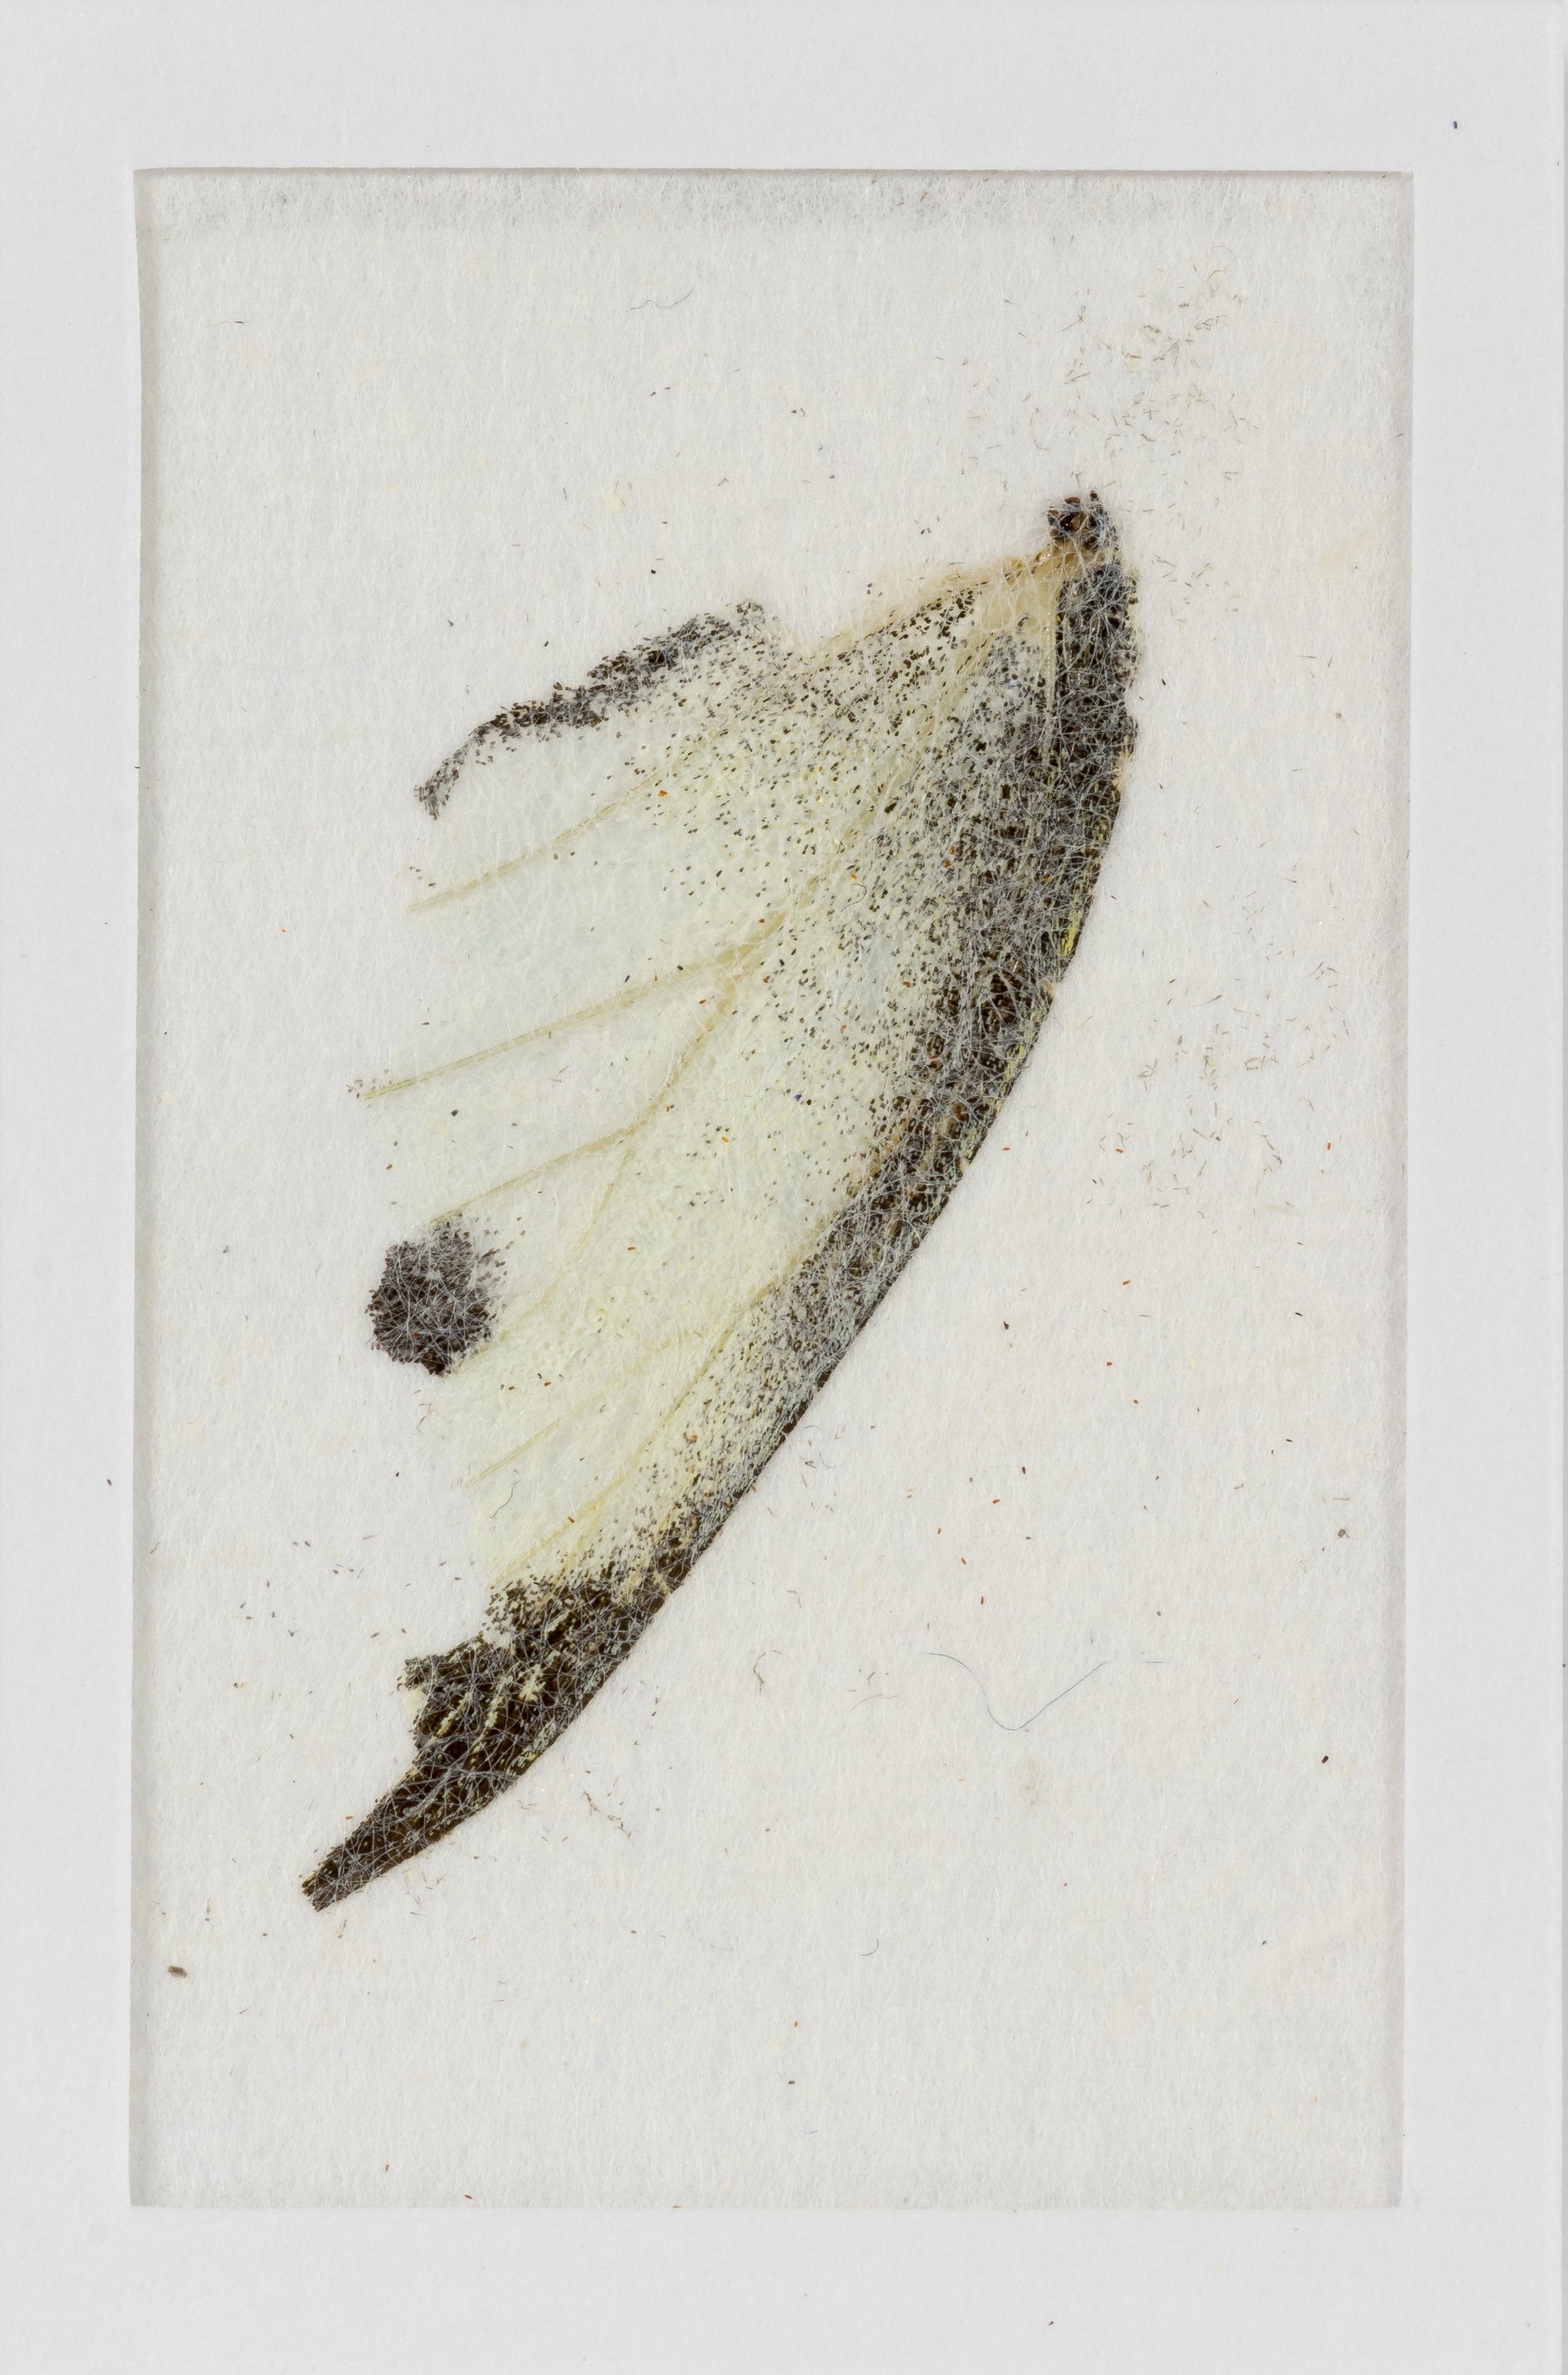 butterfly wing detail.jpg